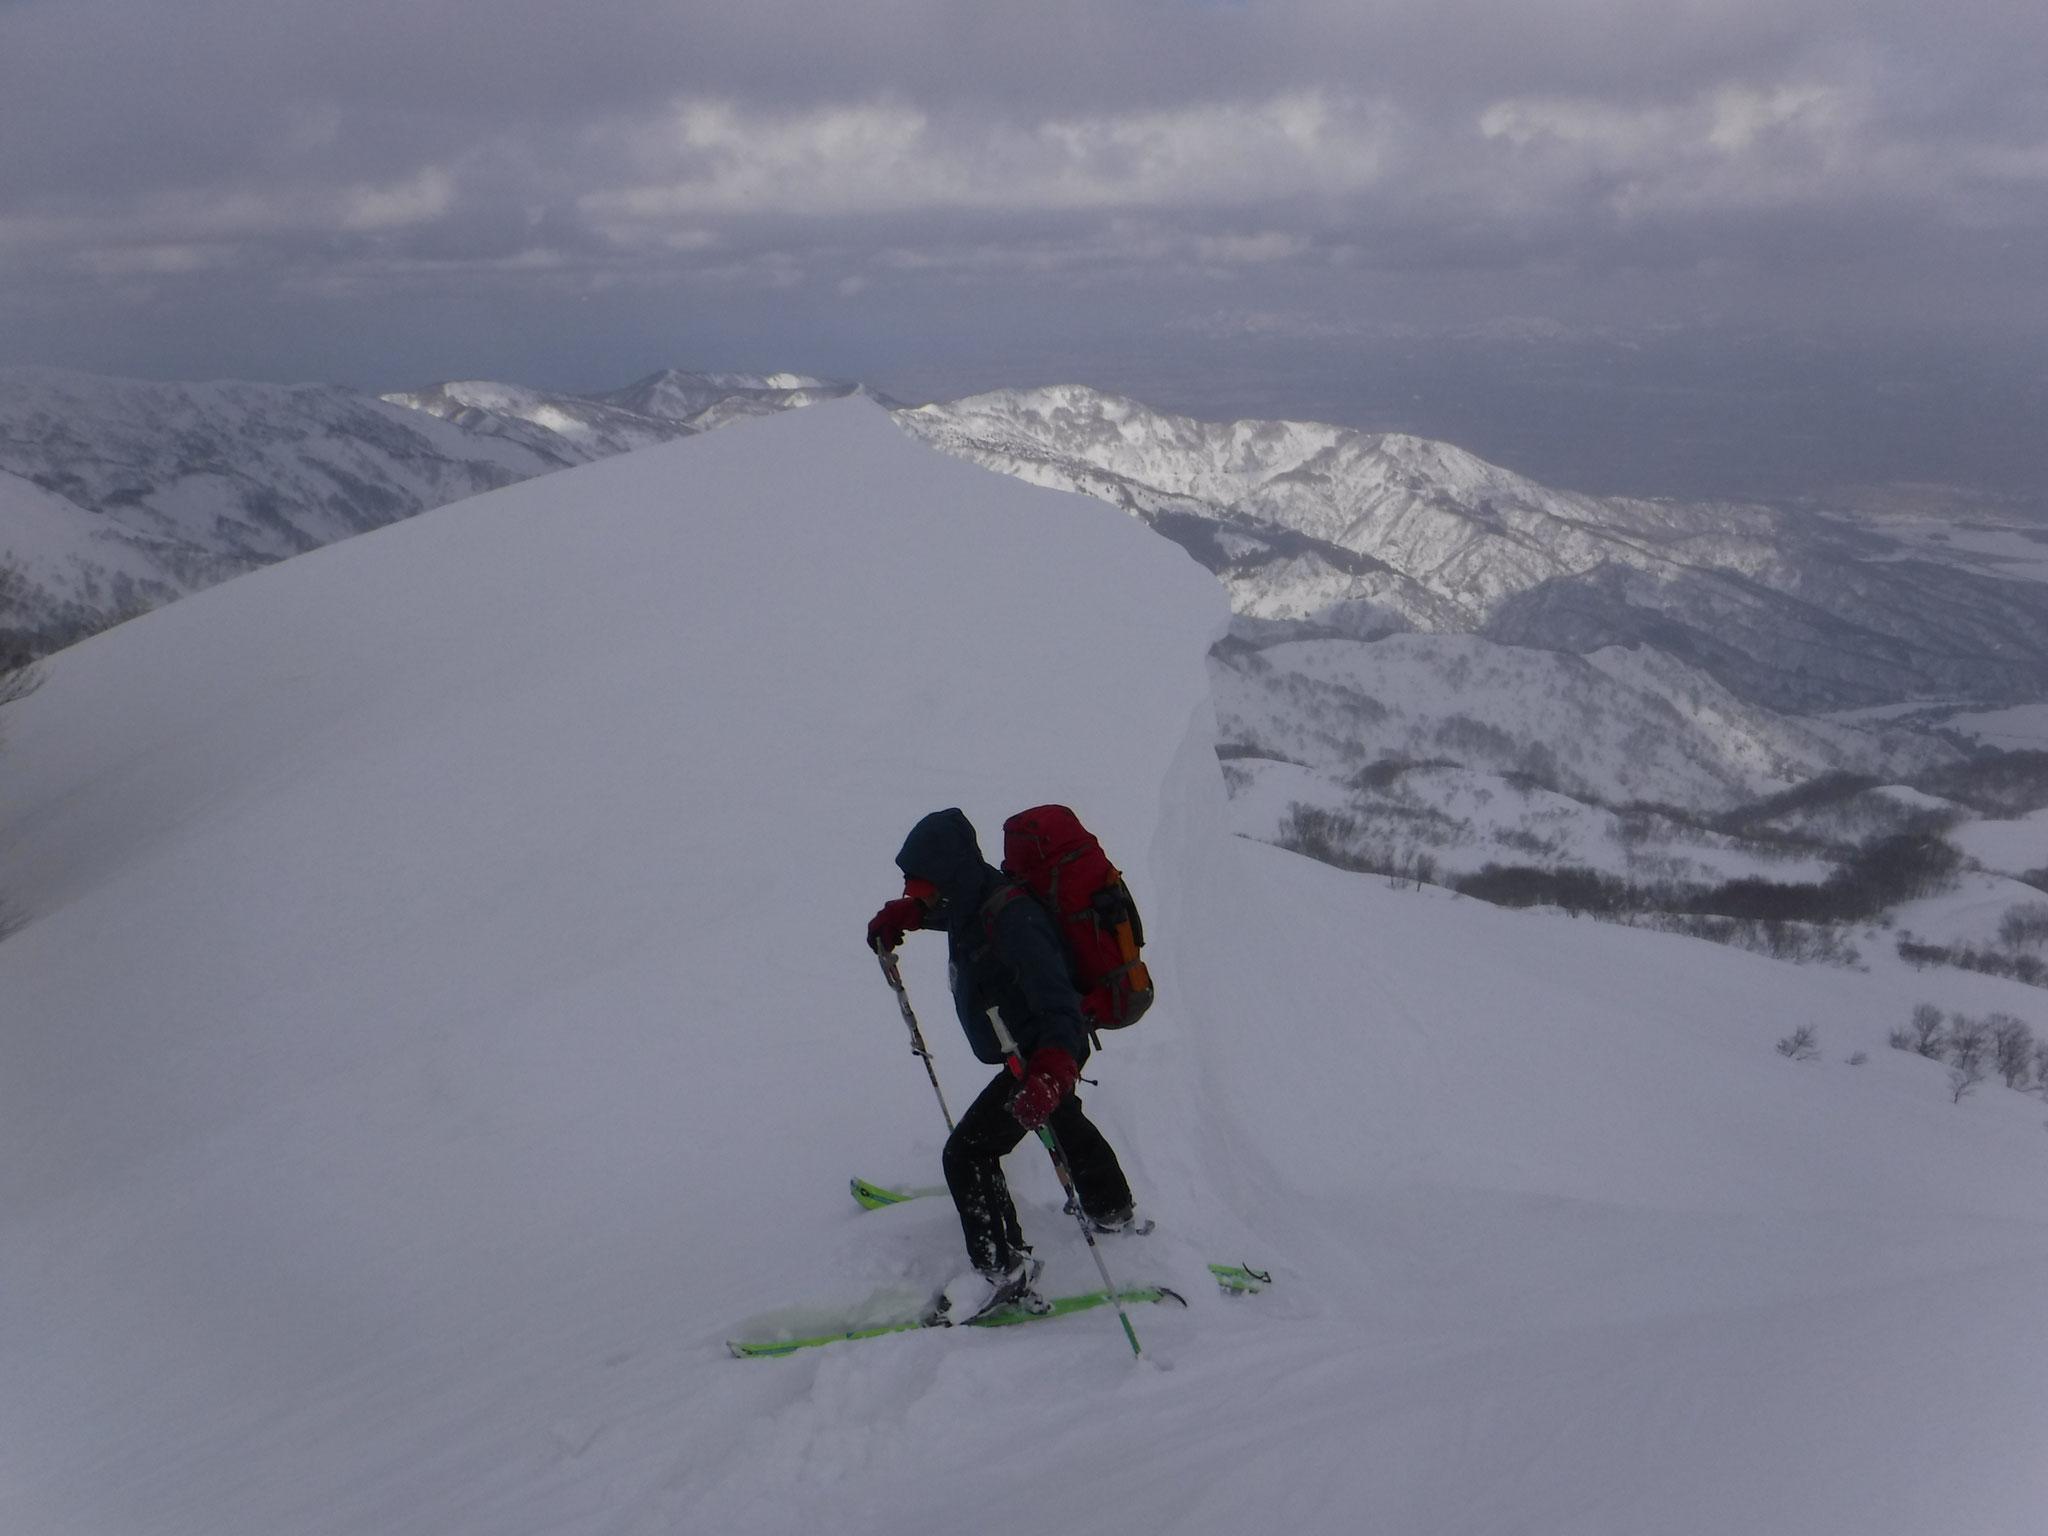 山頂への稜線は長く、複雑。雪庇の切れ目を上がる 14:53